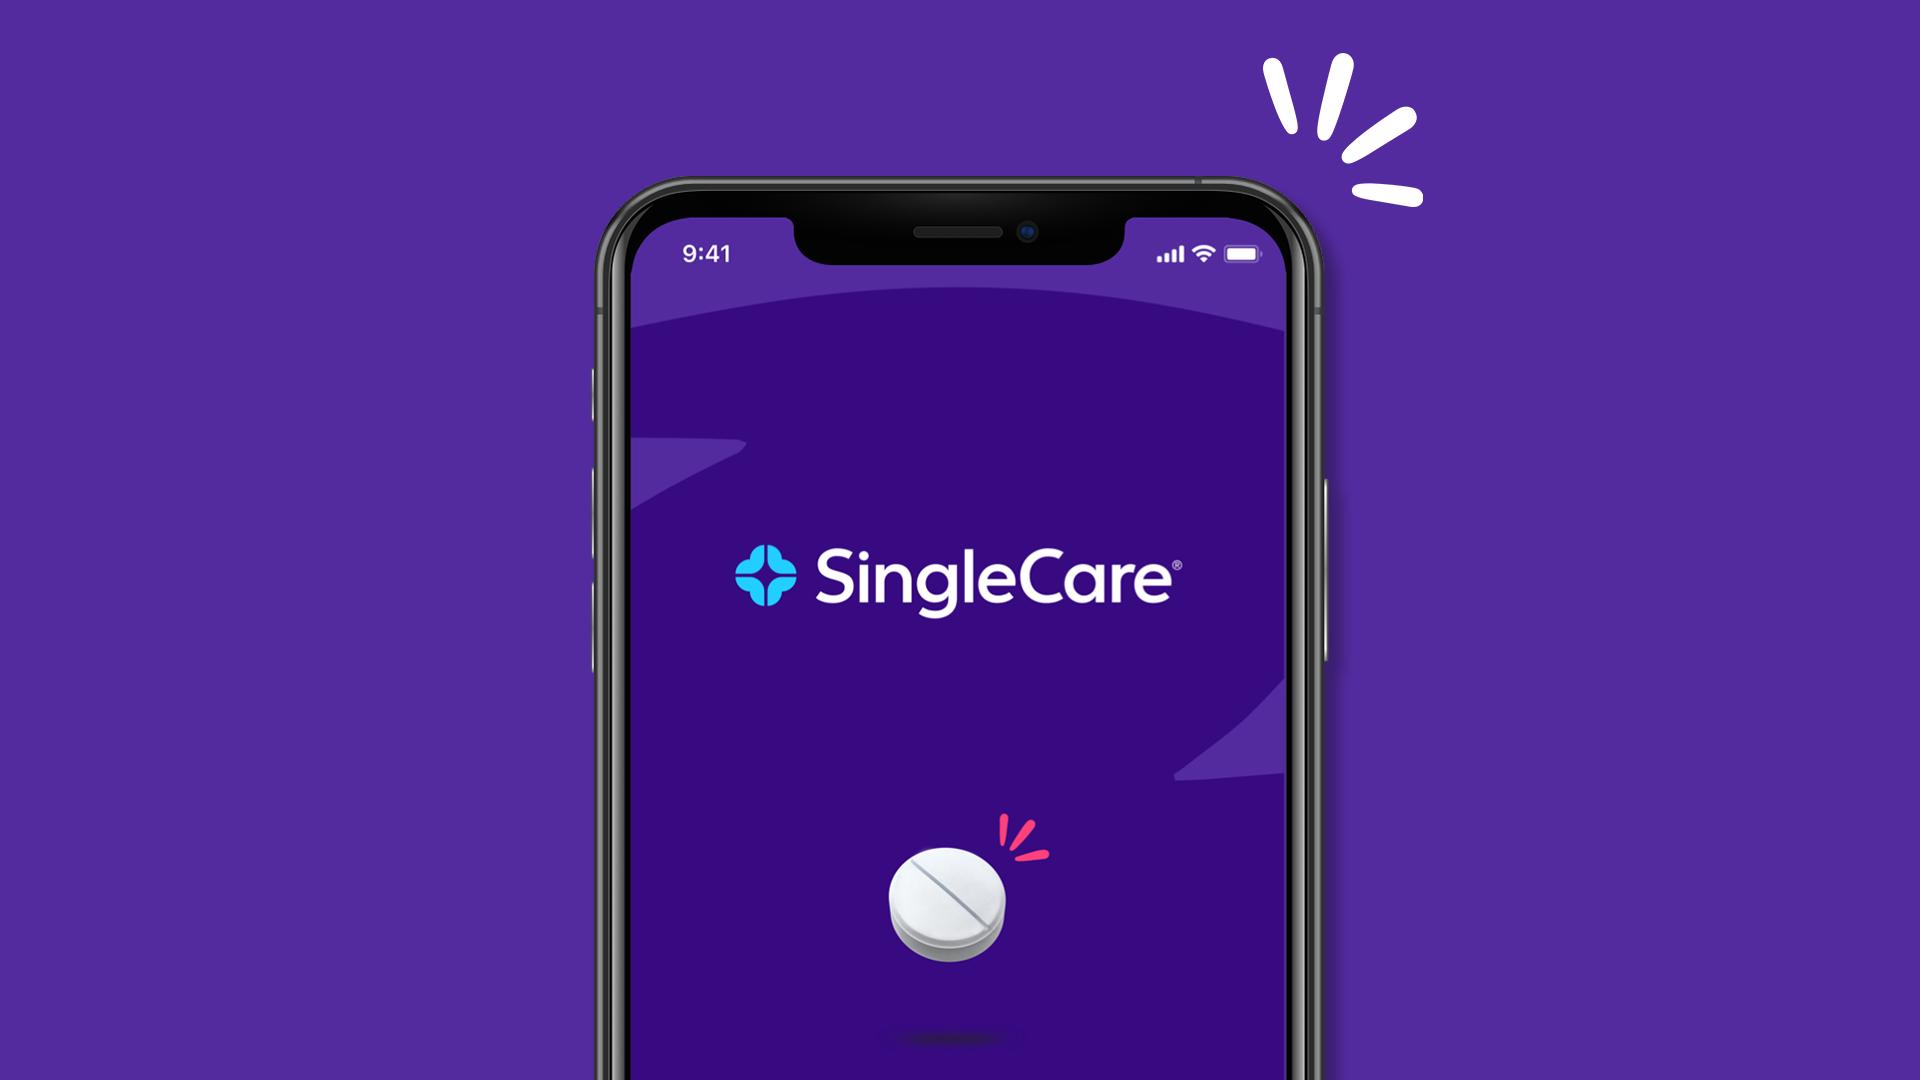 How do I use the SingleCare app?